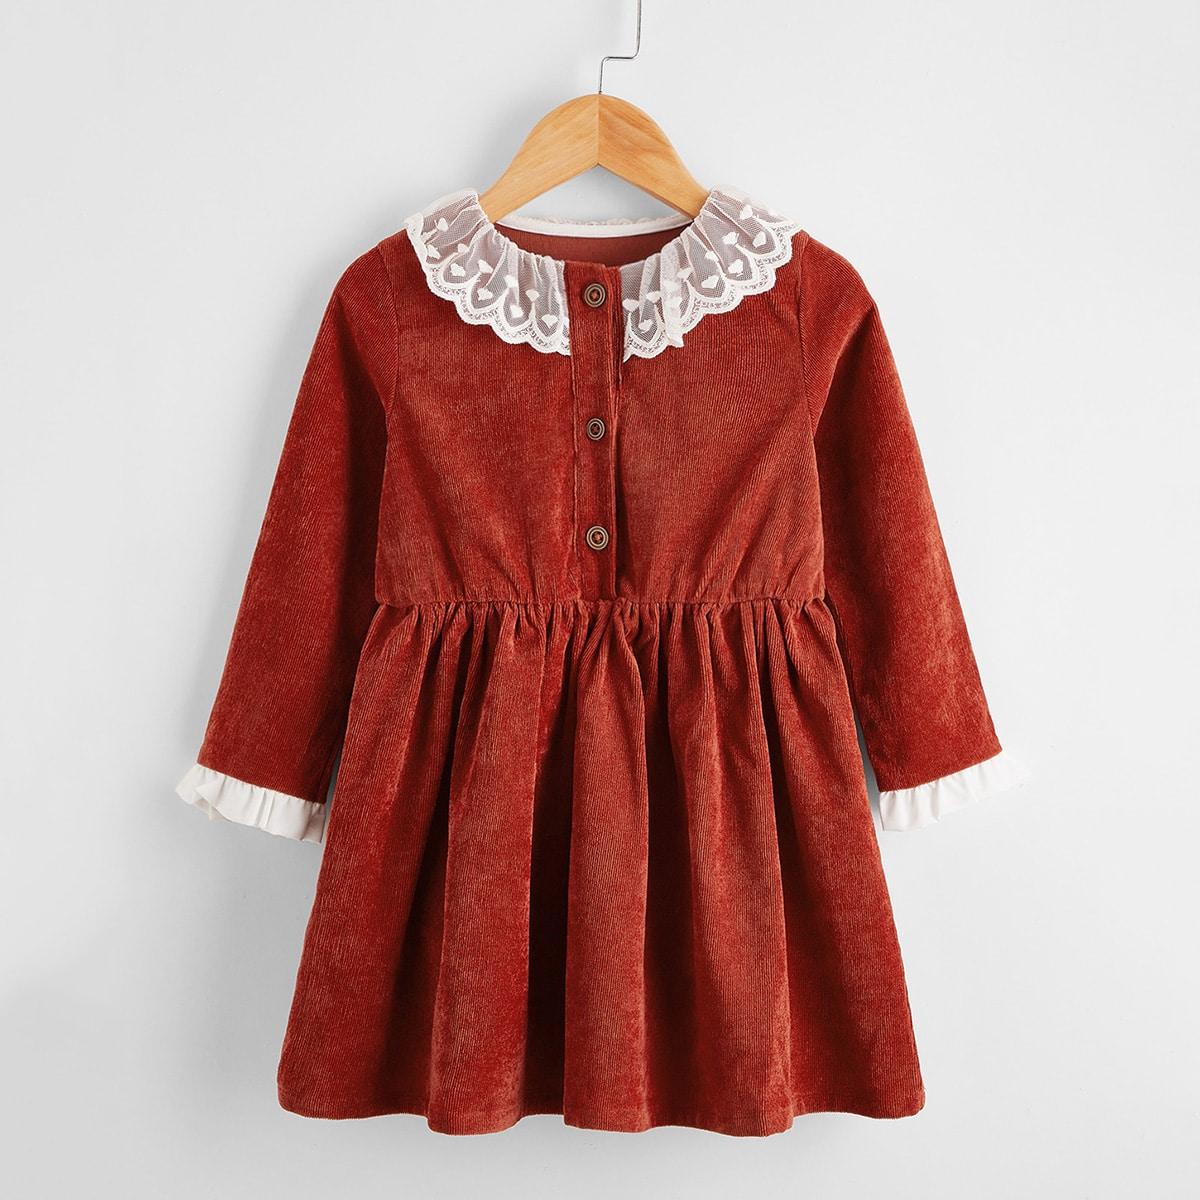 Вельветовое платье с кружевной отделкой для девочек